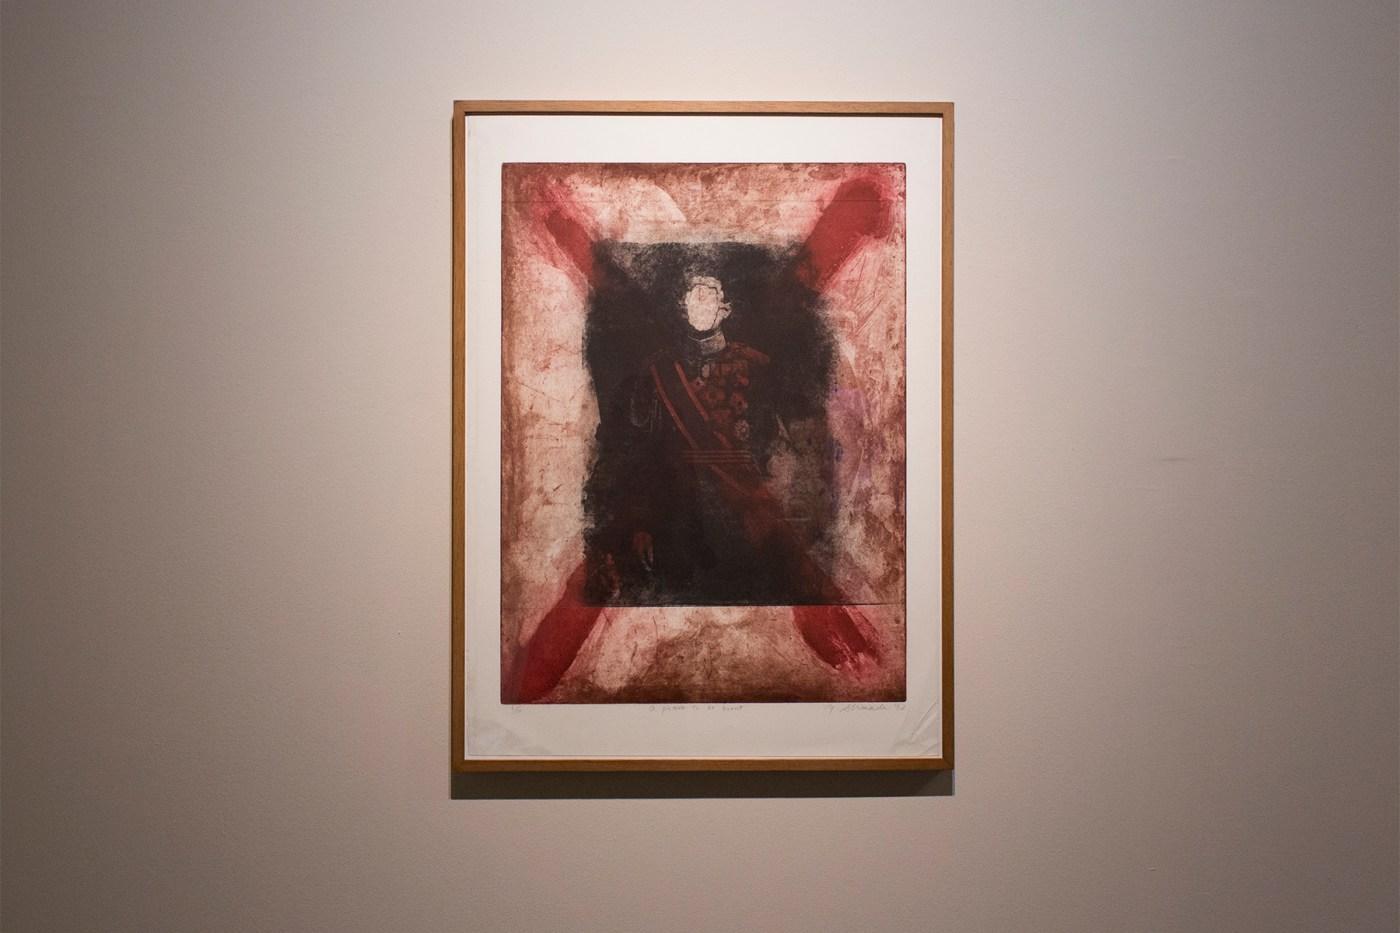 嶋田美子 SHIMADA Yoshiko, A Picture to be Burned 《應該被燒毀的畫》,© SHIMADA Yoshiko Courtesy of Ota Fine Arts